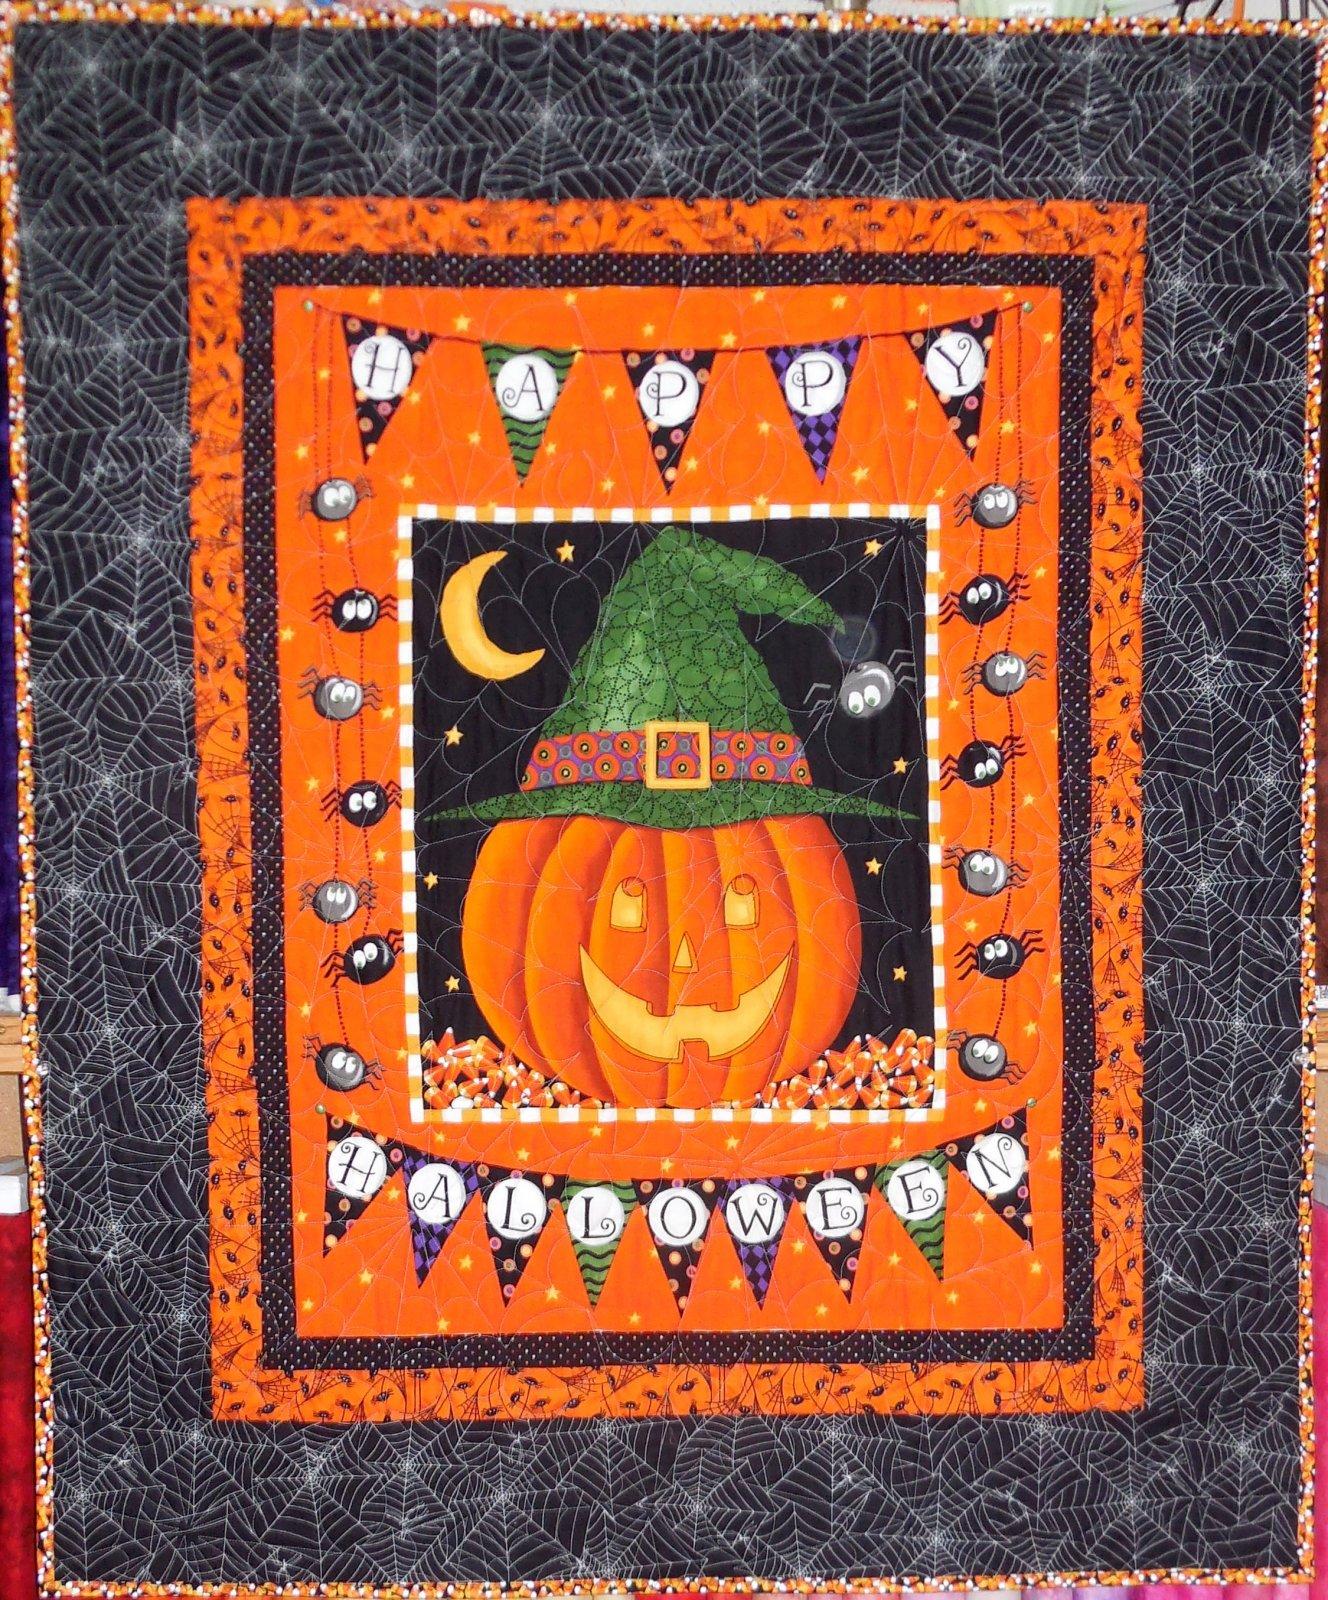 Happy Halloween Panel Quilt